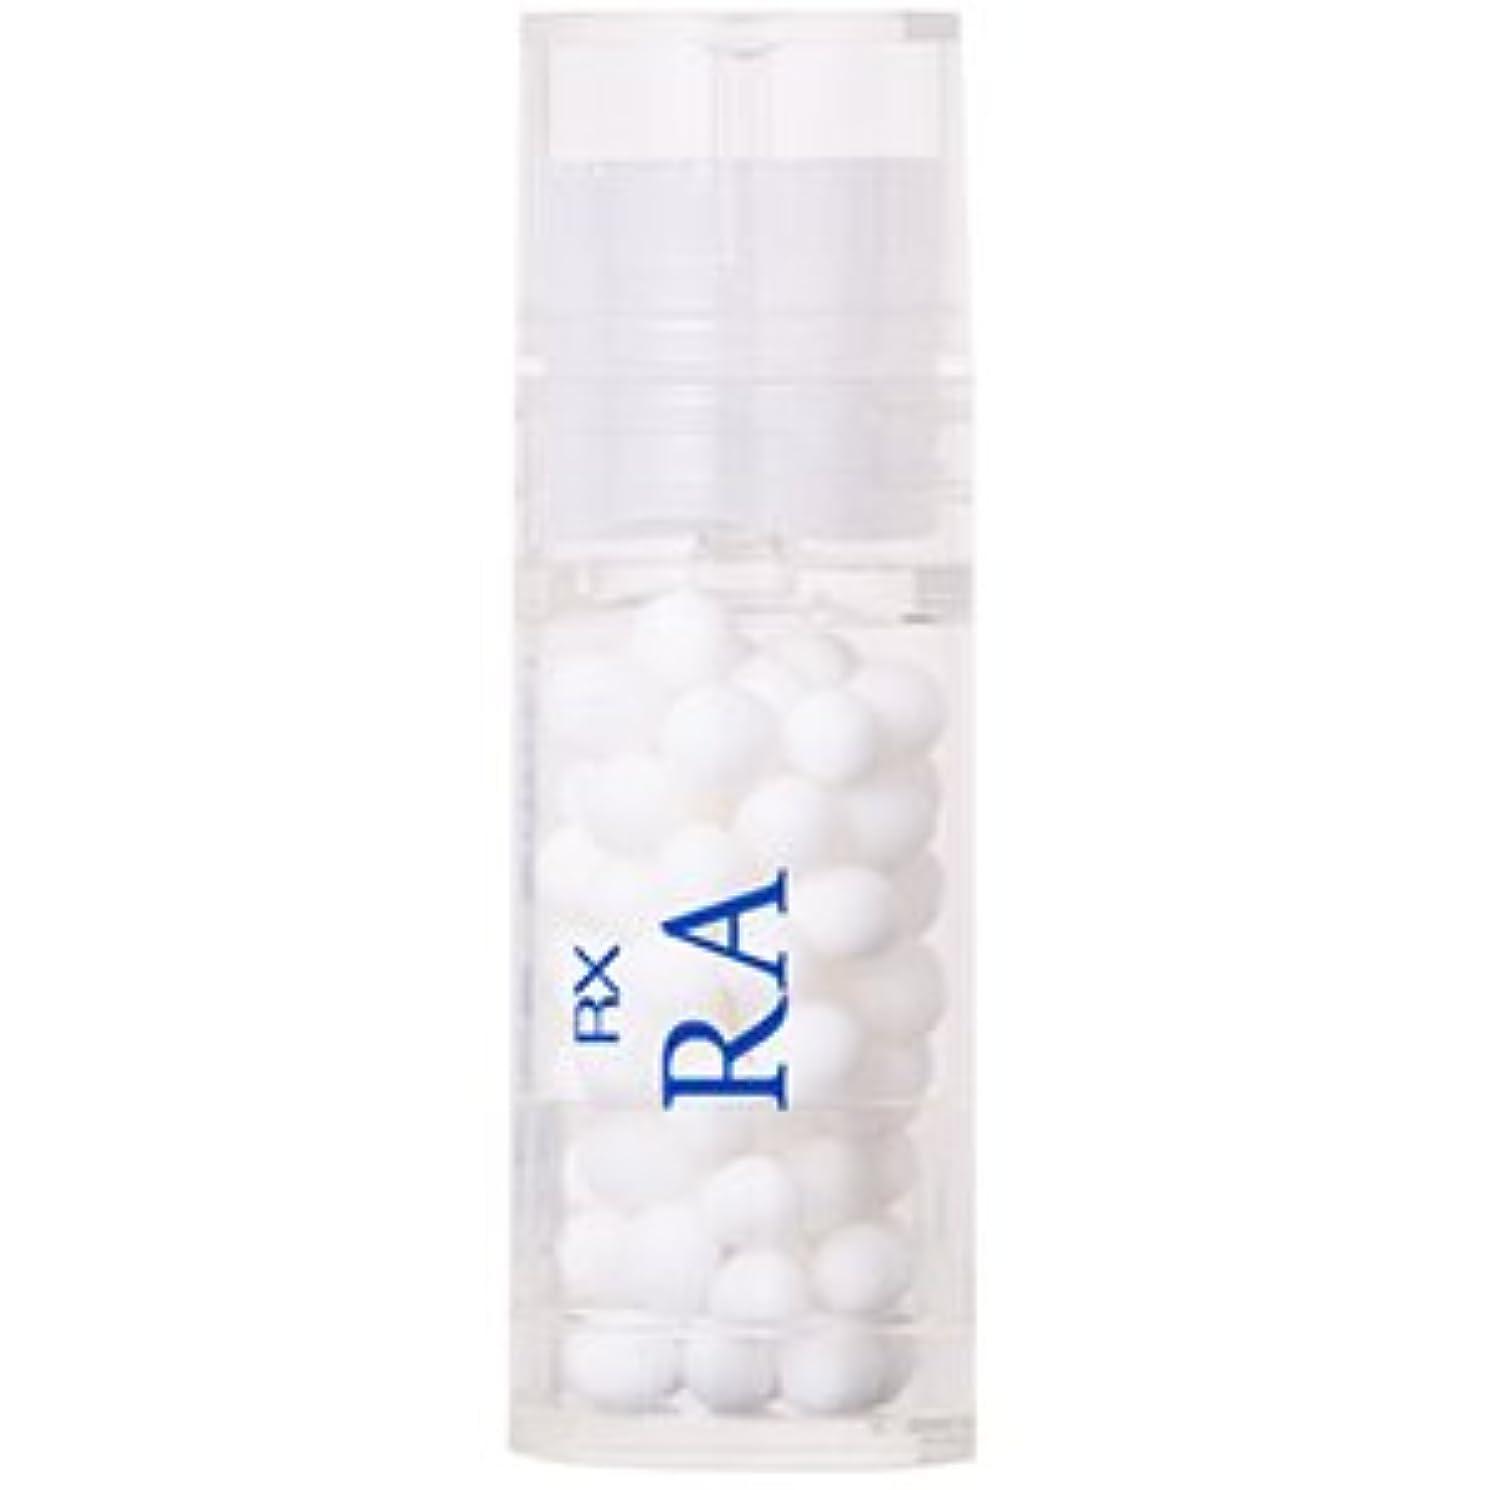 眠いです過半数してはいけないRX レメディー 単品 (RX RA 大ビン)